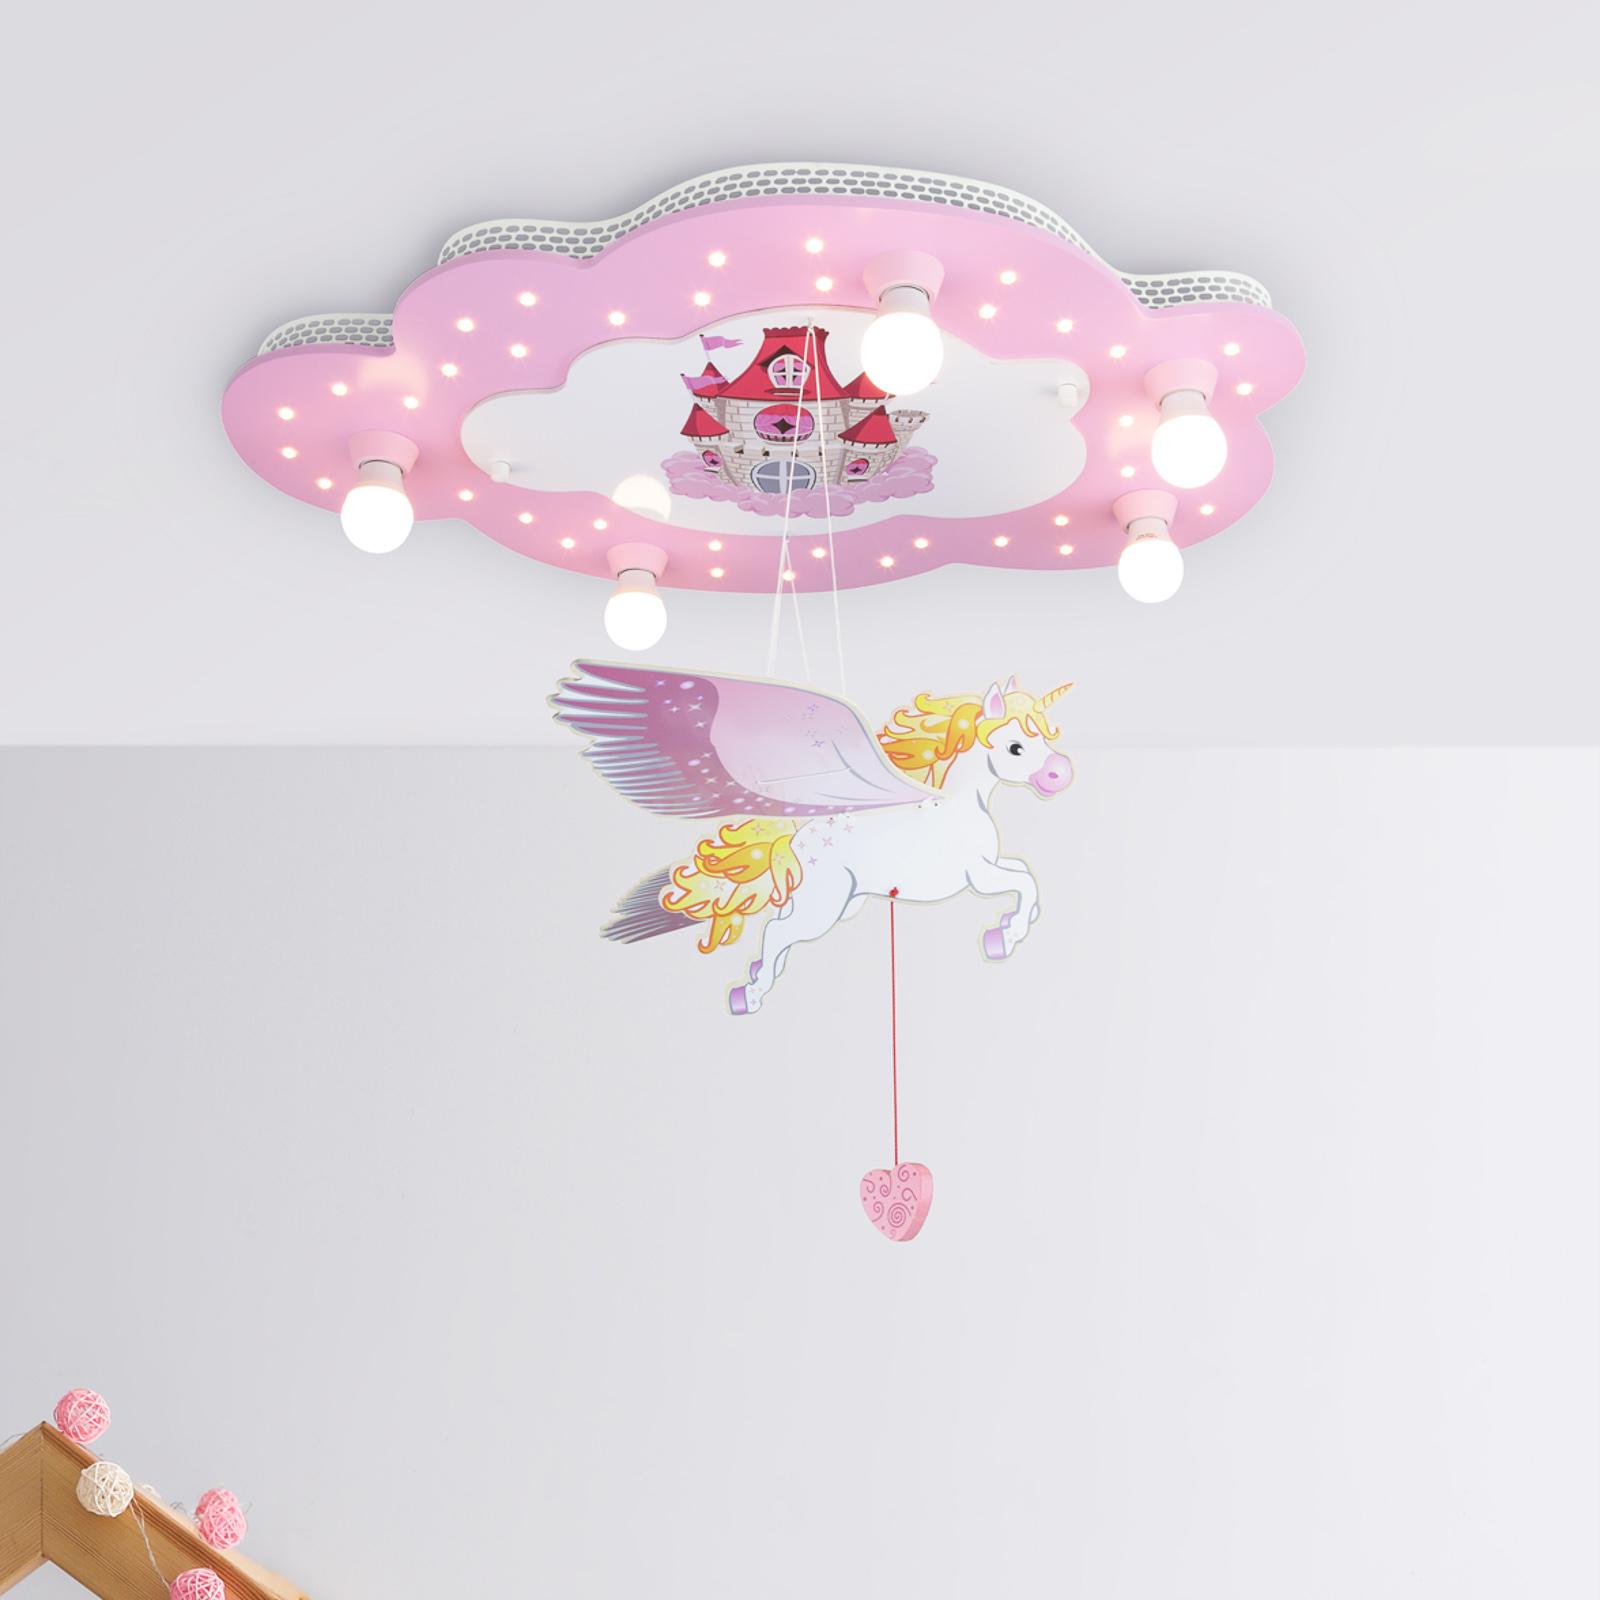 Slot loftlampe til børneværelset med enhjørning